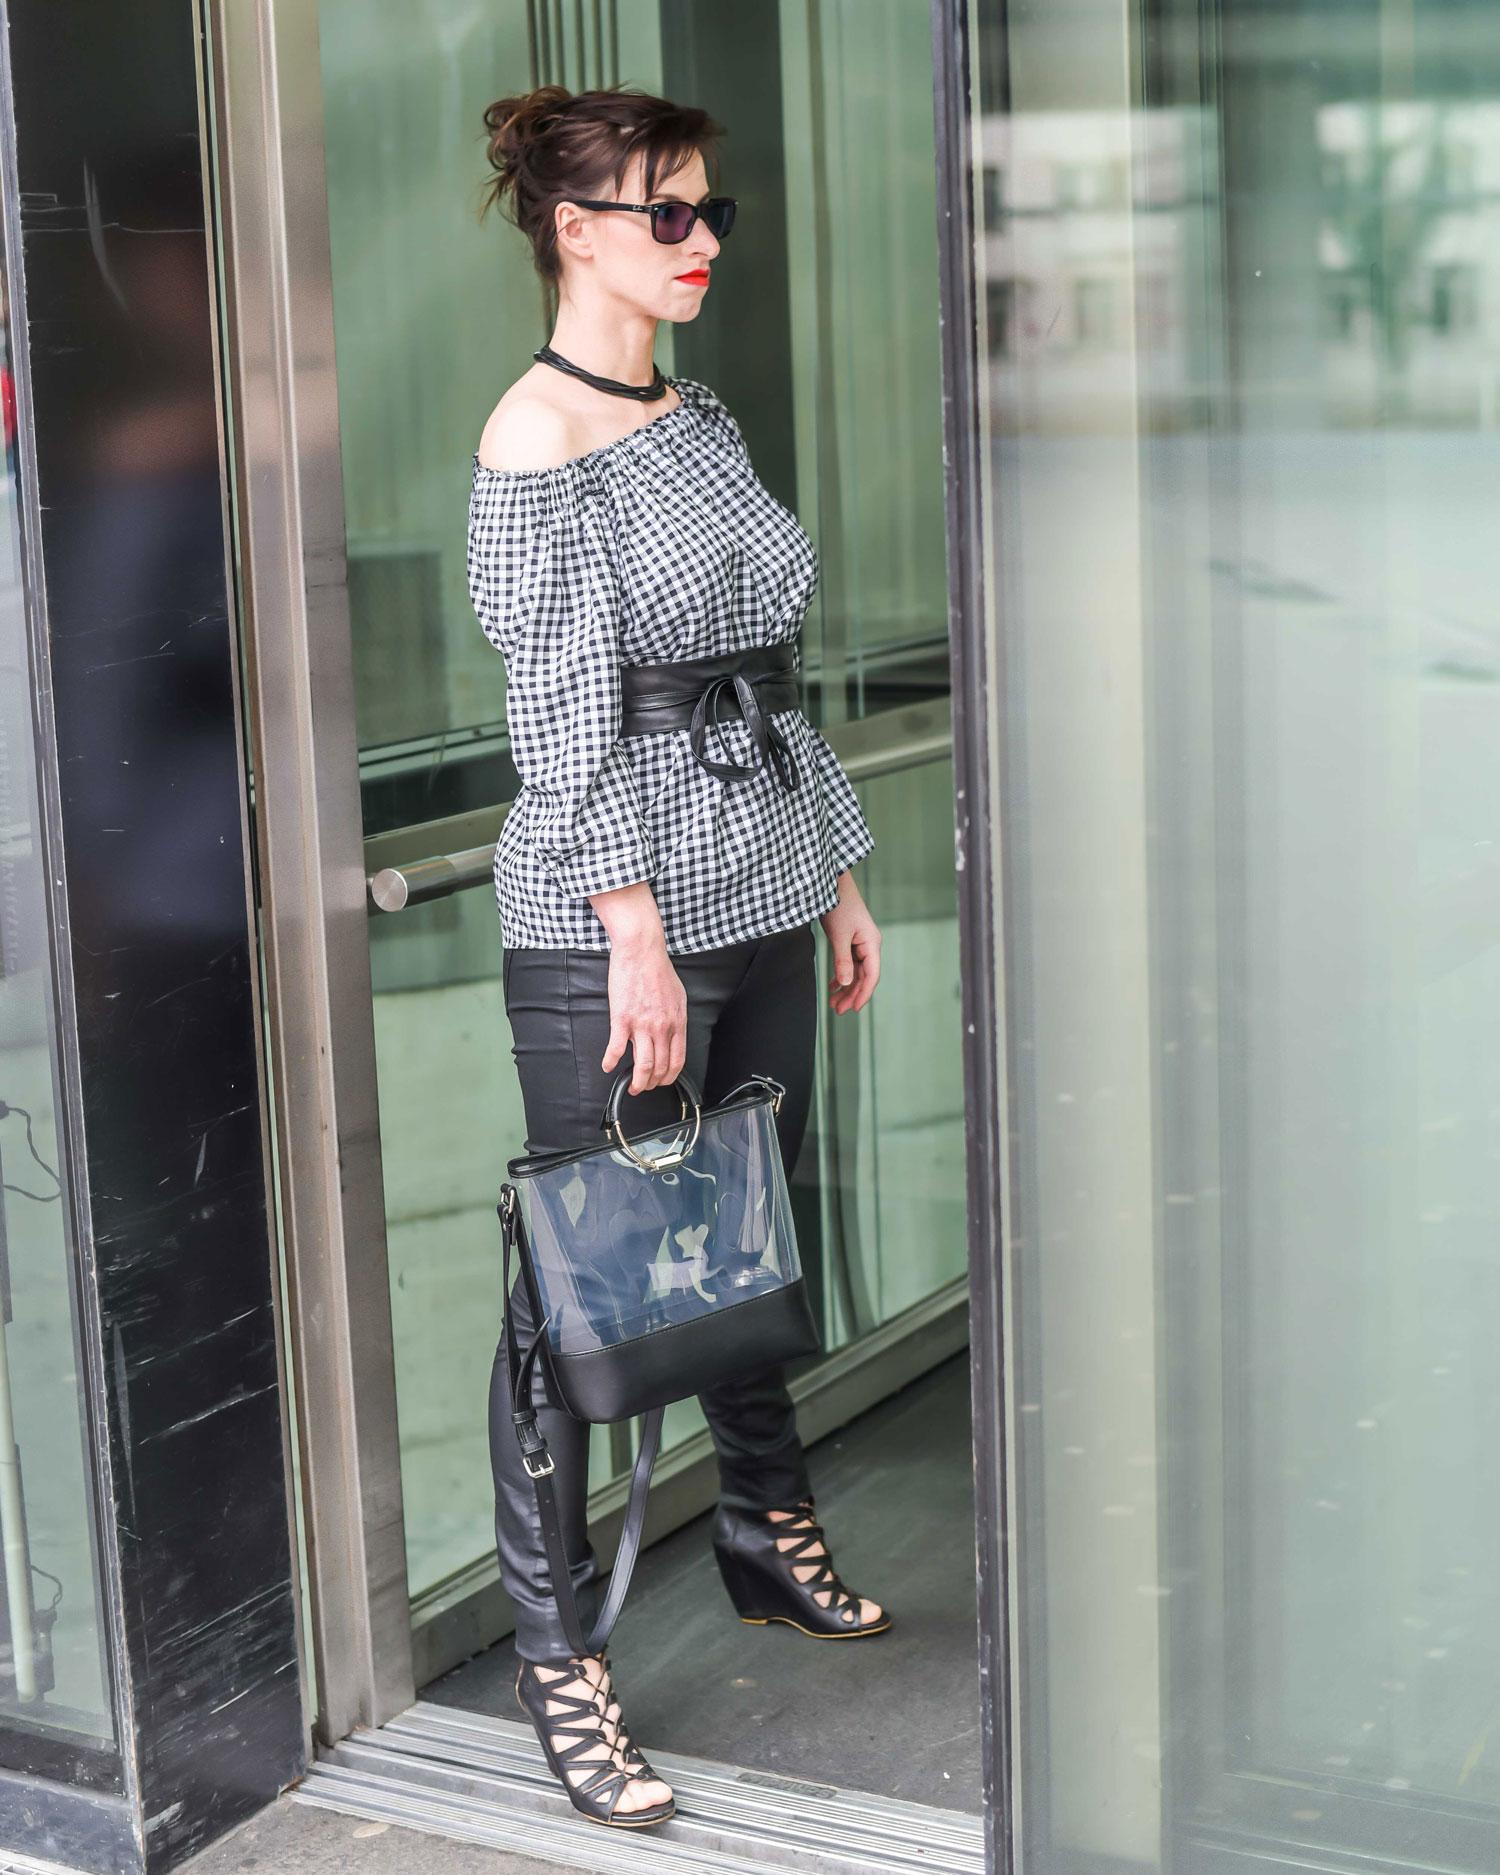 Trends: Off-Shoulder-Bluse von More&More, Jeanshosein Lederoptik von Hallhuber, Statement-Gürtel von More&More, Vinyltasche von Zara, Schnürstiefel